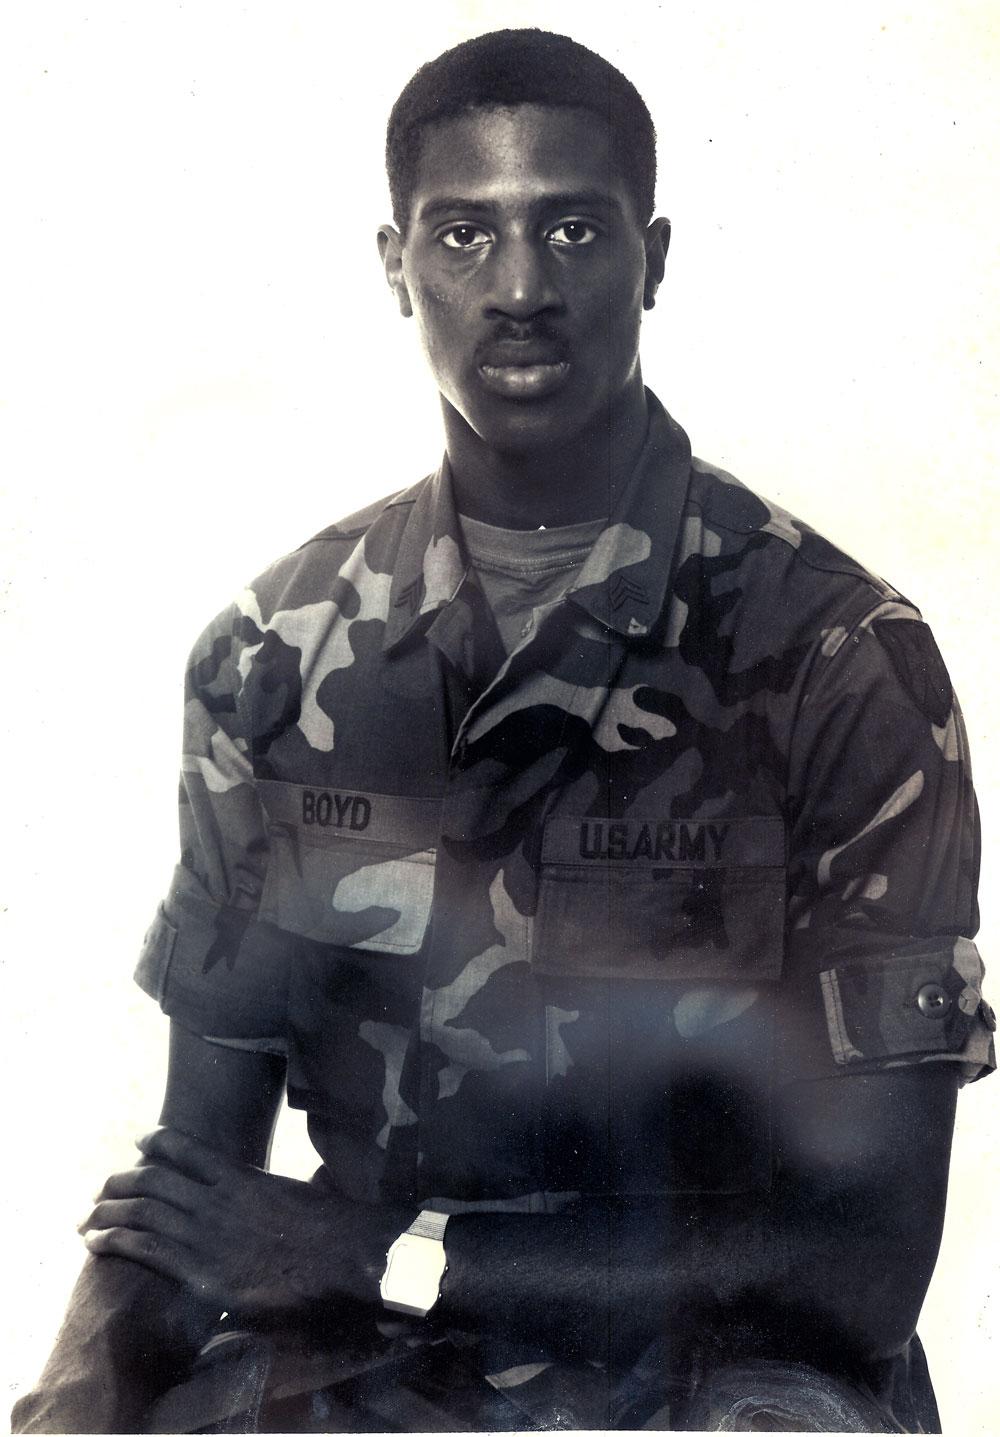 Sergeant Boyd, Age 21